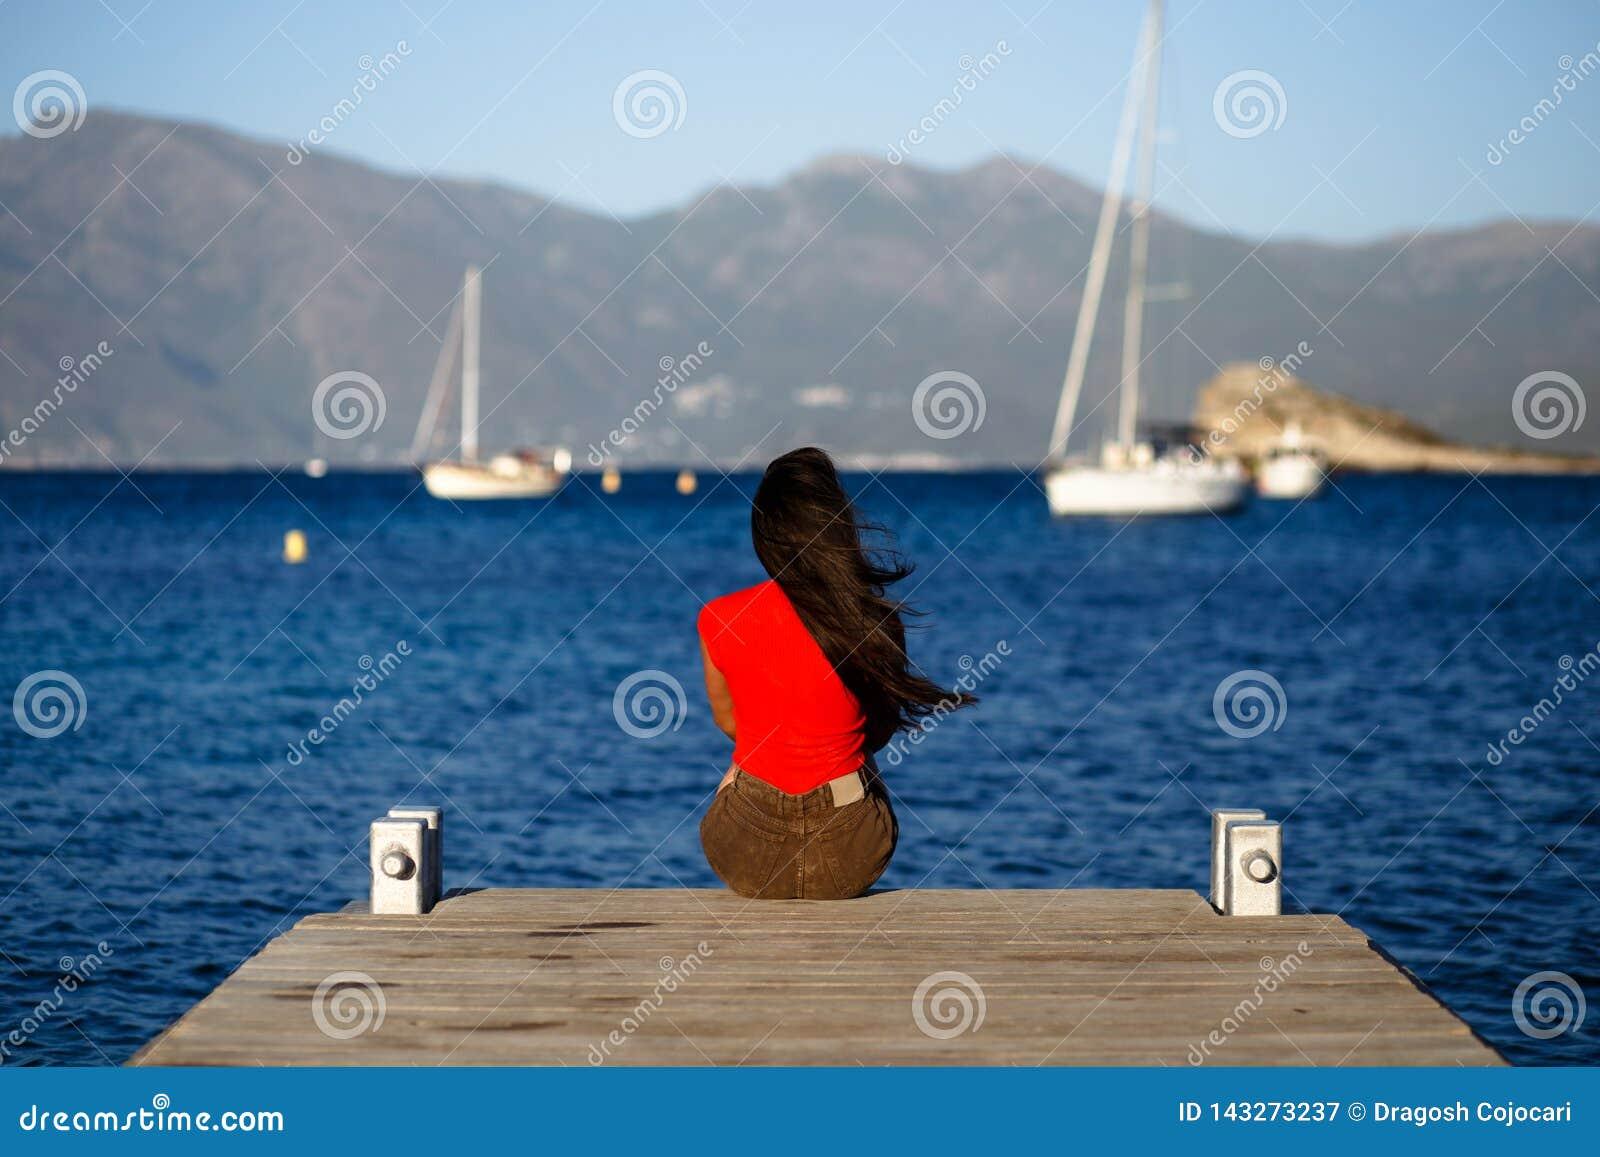 Una mujer morena joven sola en la sentada roja con la parte posterior en el embarcadero de madera, admirando el paisaje marino de